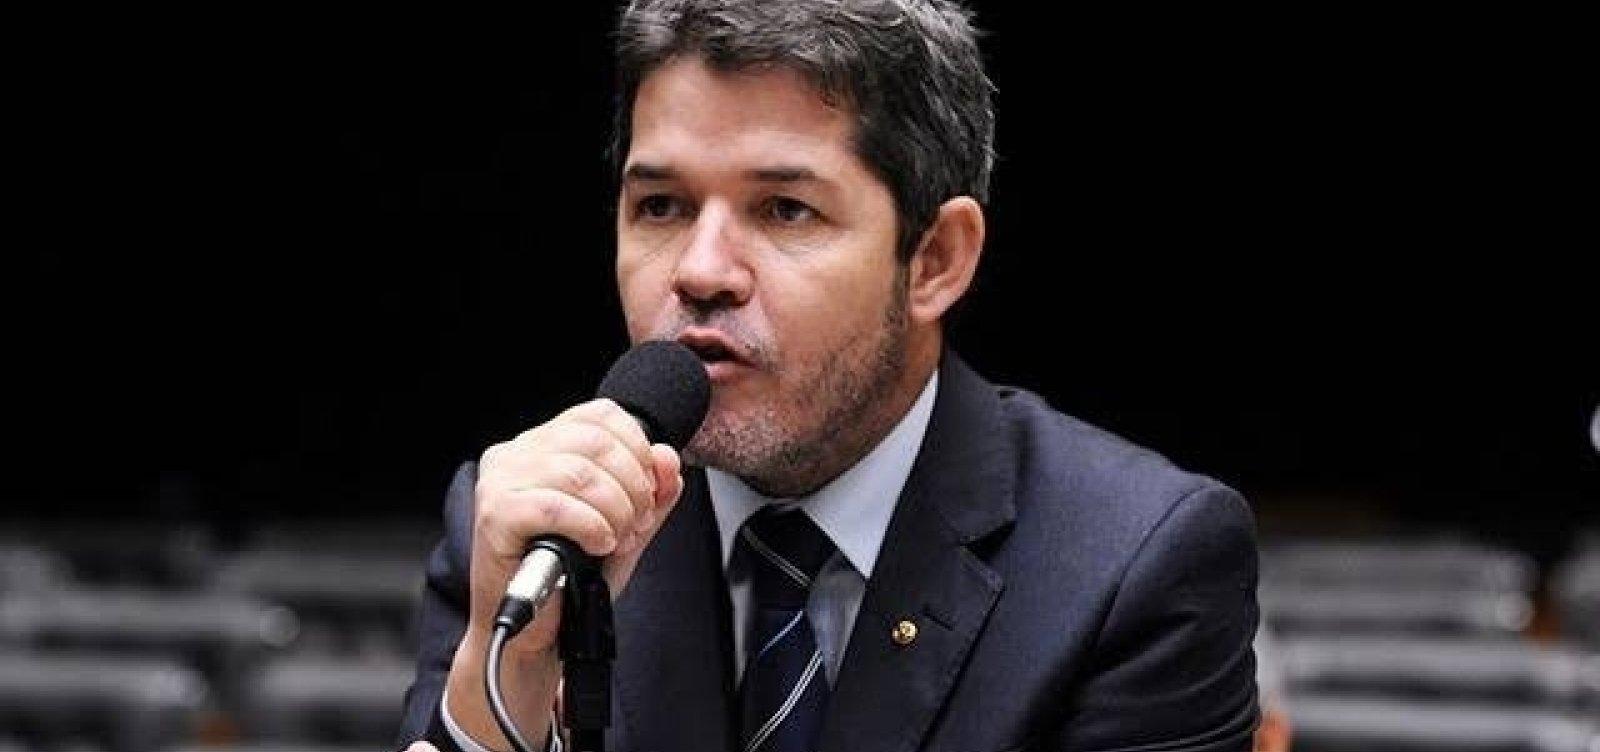 [Delegado admite que foi 'gado de Bolsonaro' e diz: 'Ajudei a criar esse monstro e vou ajudar a matar']